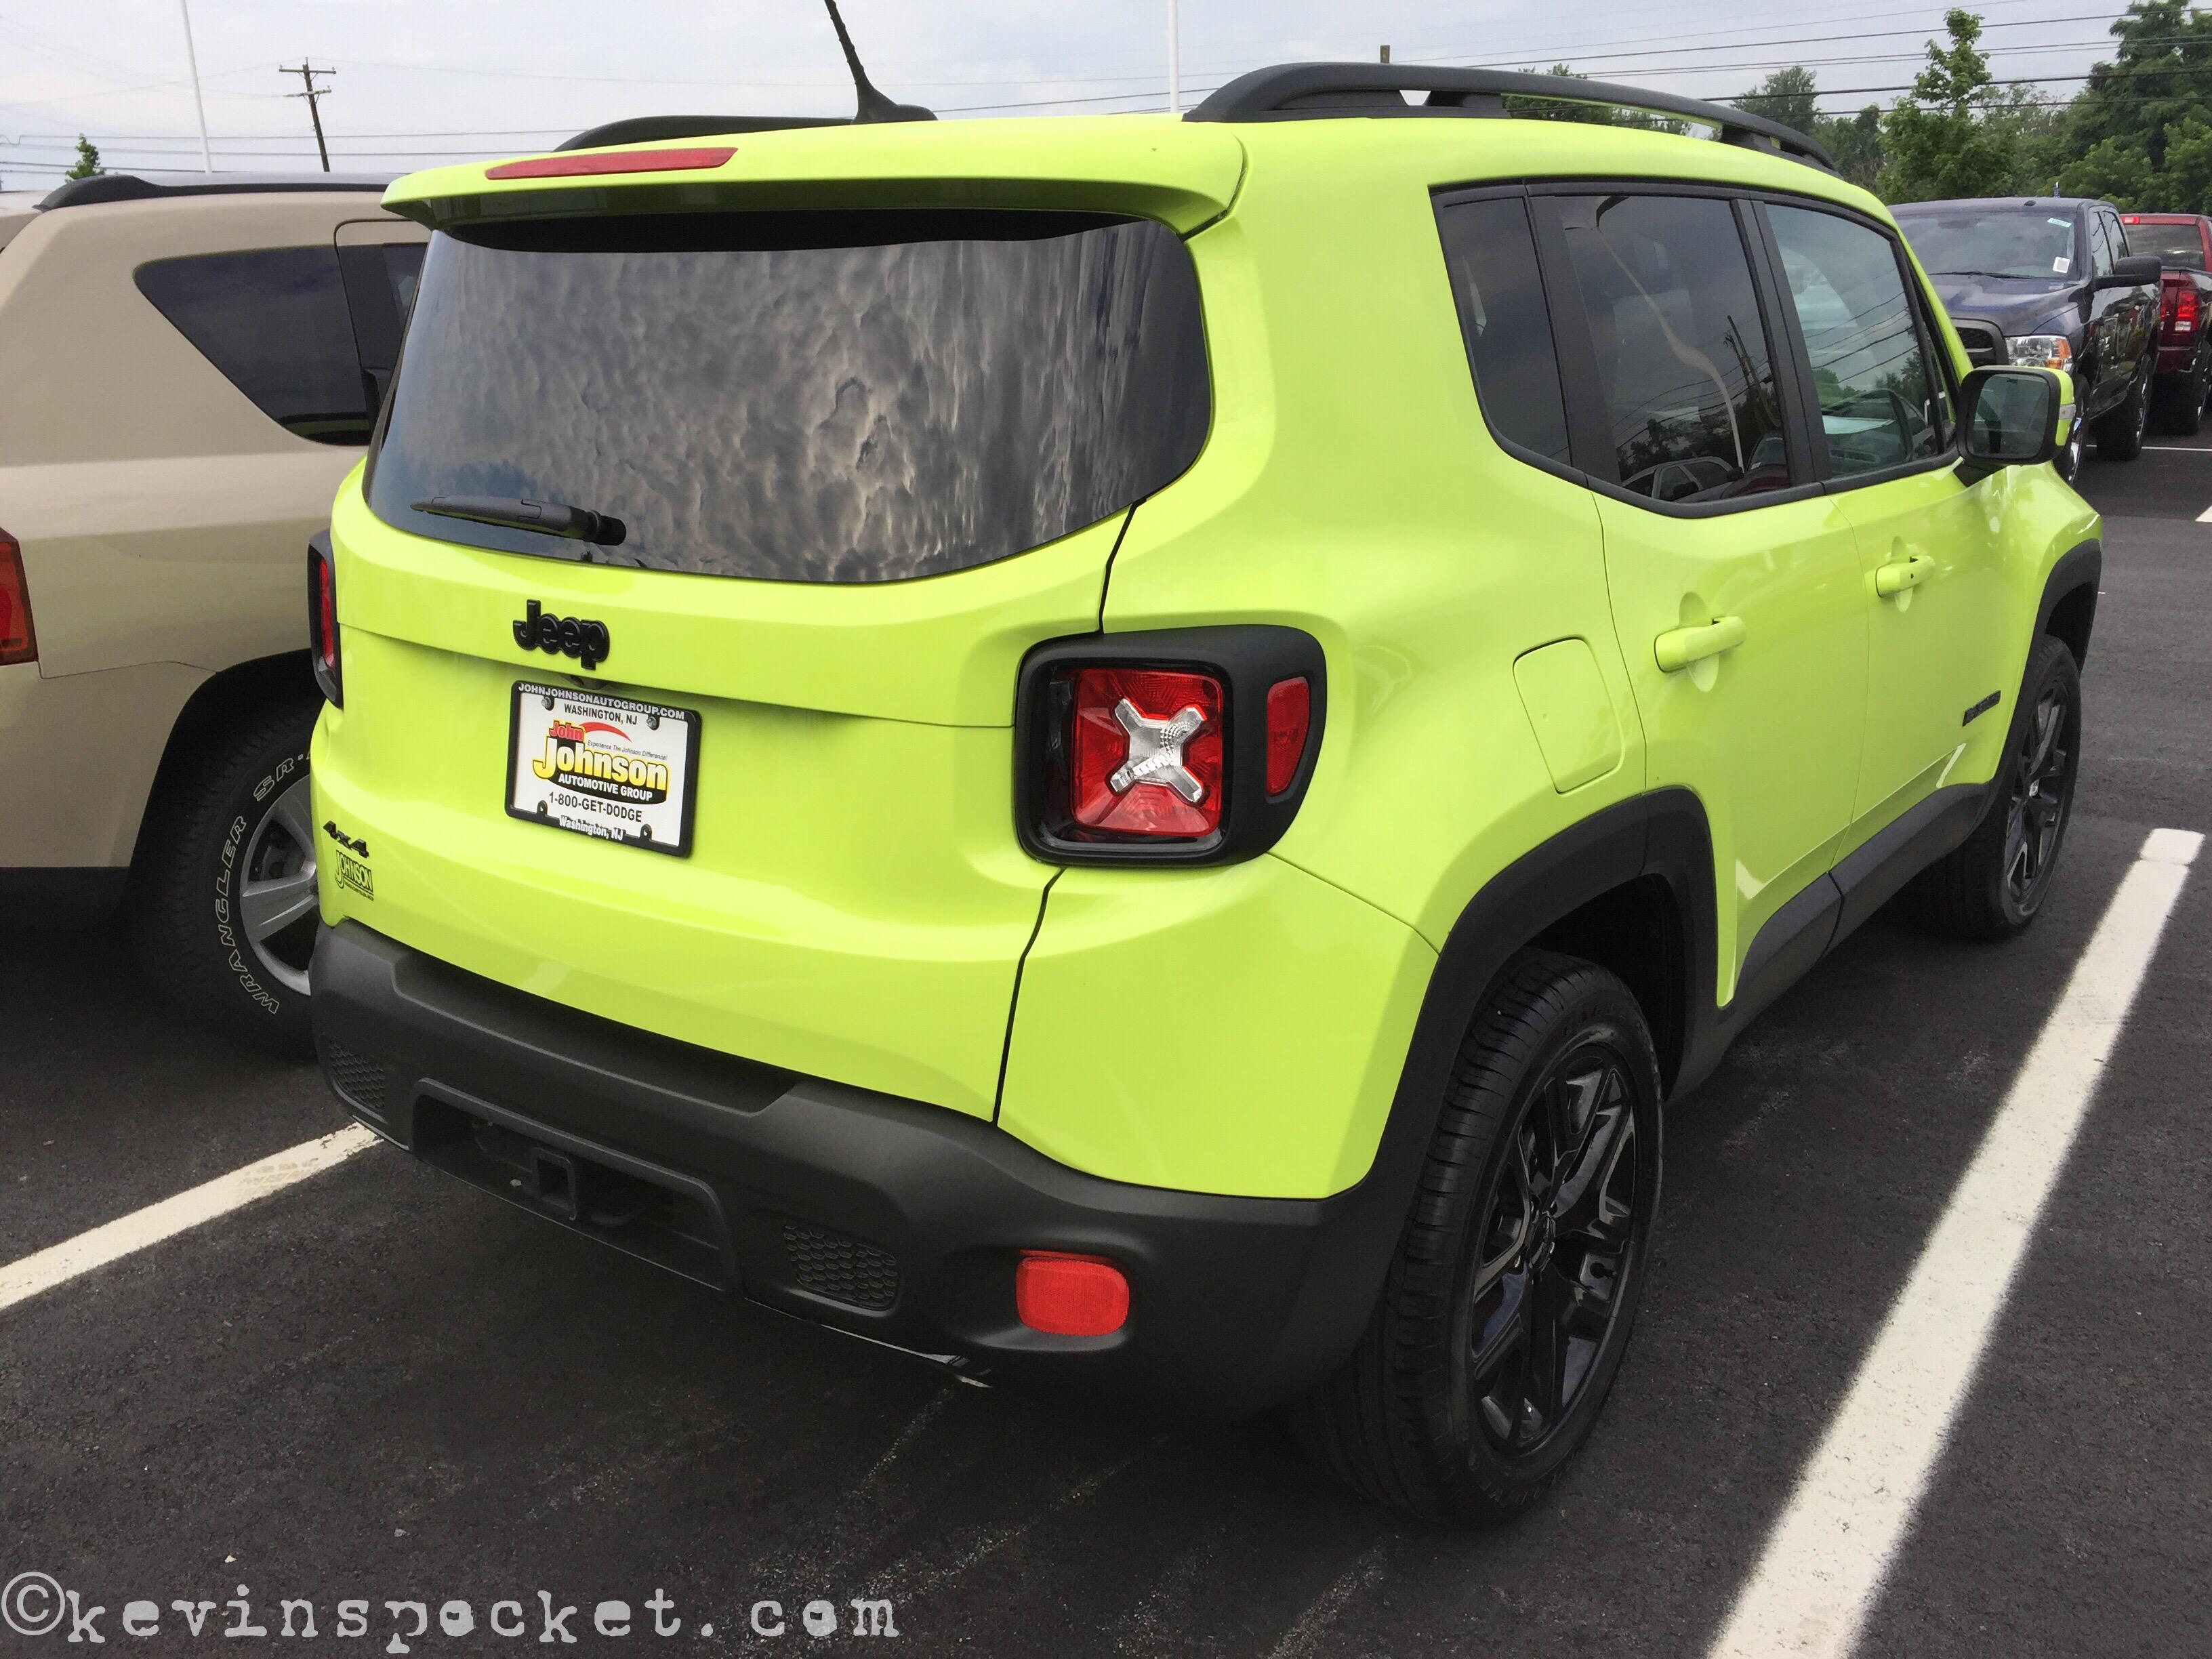 hyper green jeep renegade spotted kevinspocket. Black Bedroom Furniture Sets. Home Design Ideas